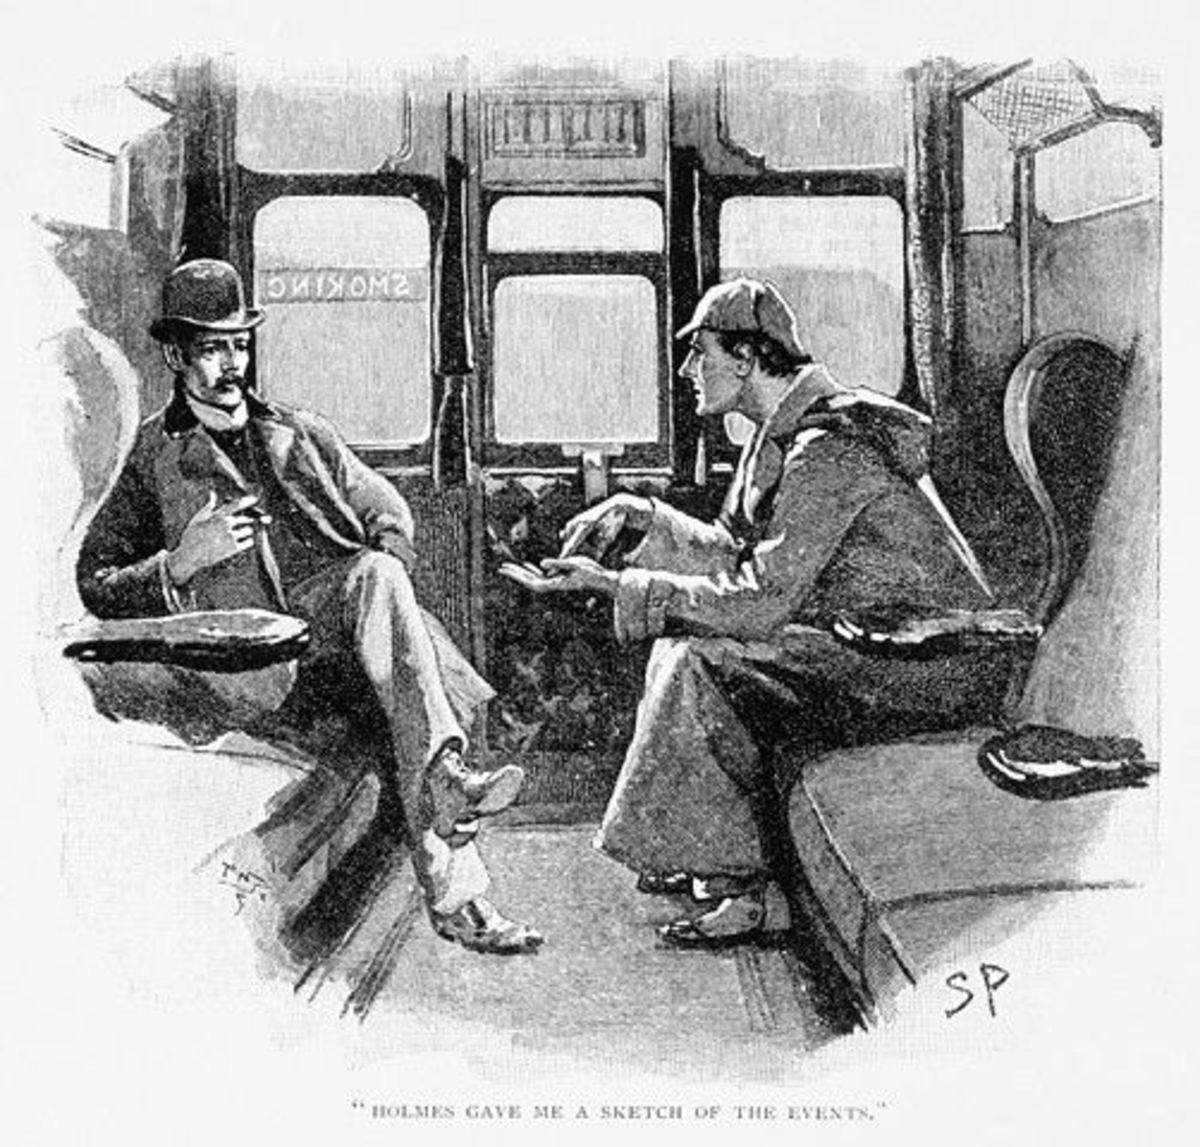 A Primer on Holmes